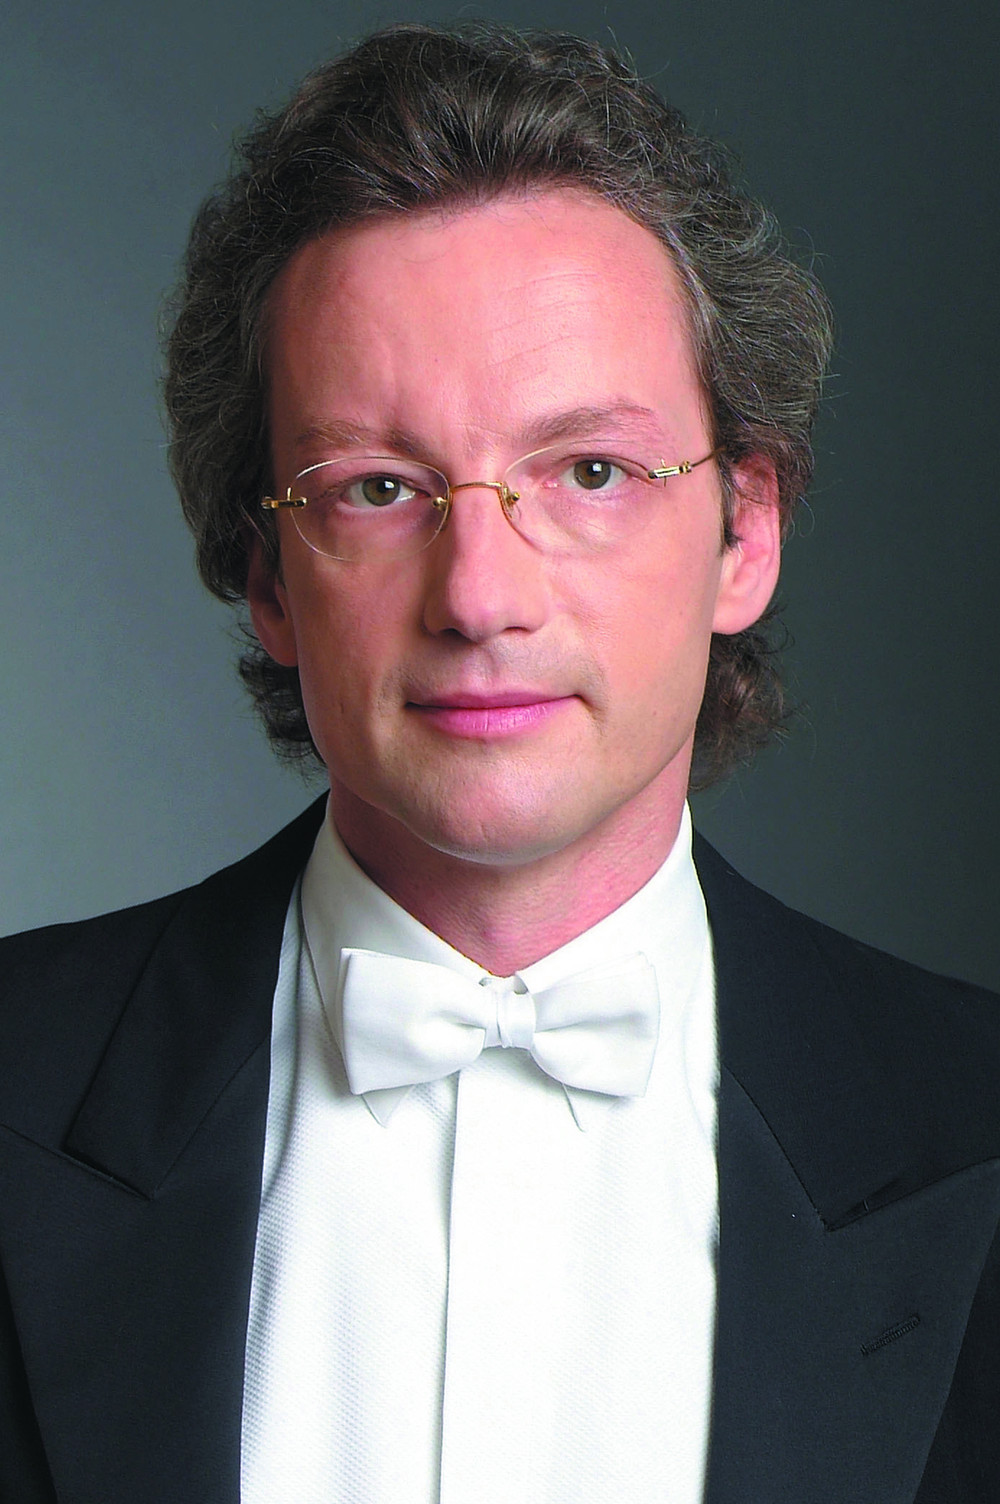 Franz Welser Möst